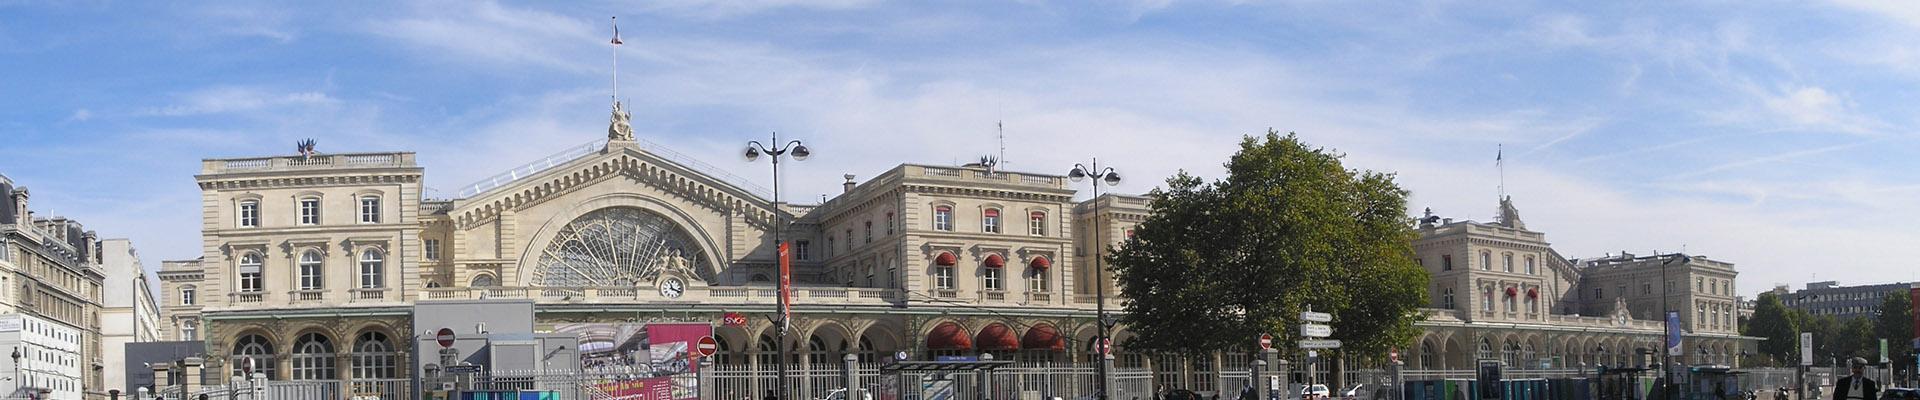 Le dixième arrondissement de Paris, un lieu prisé dans la capitale